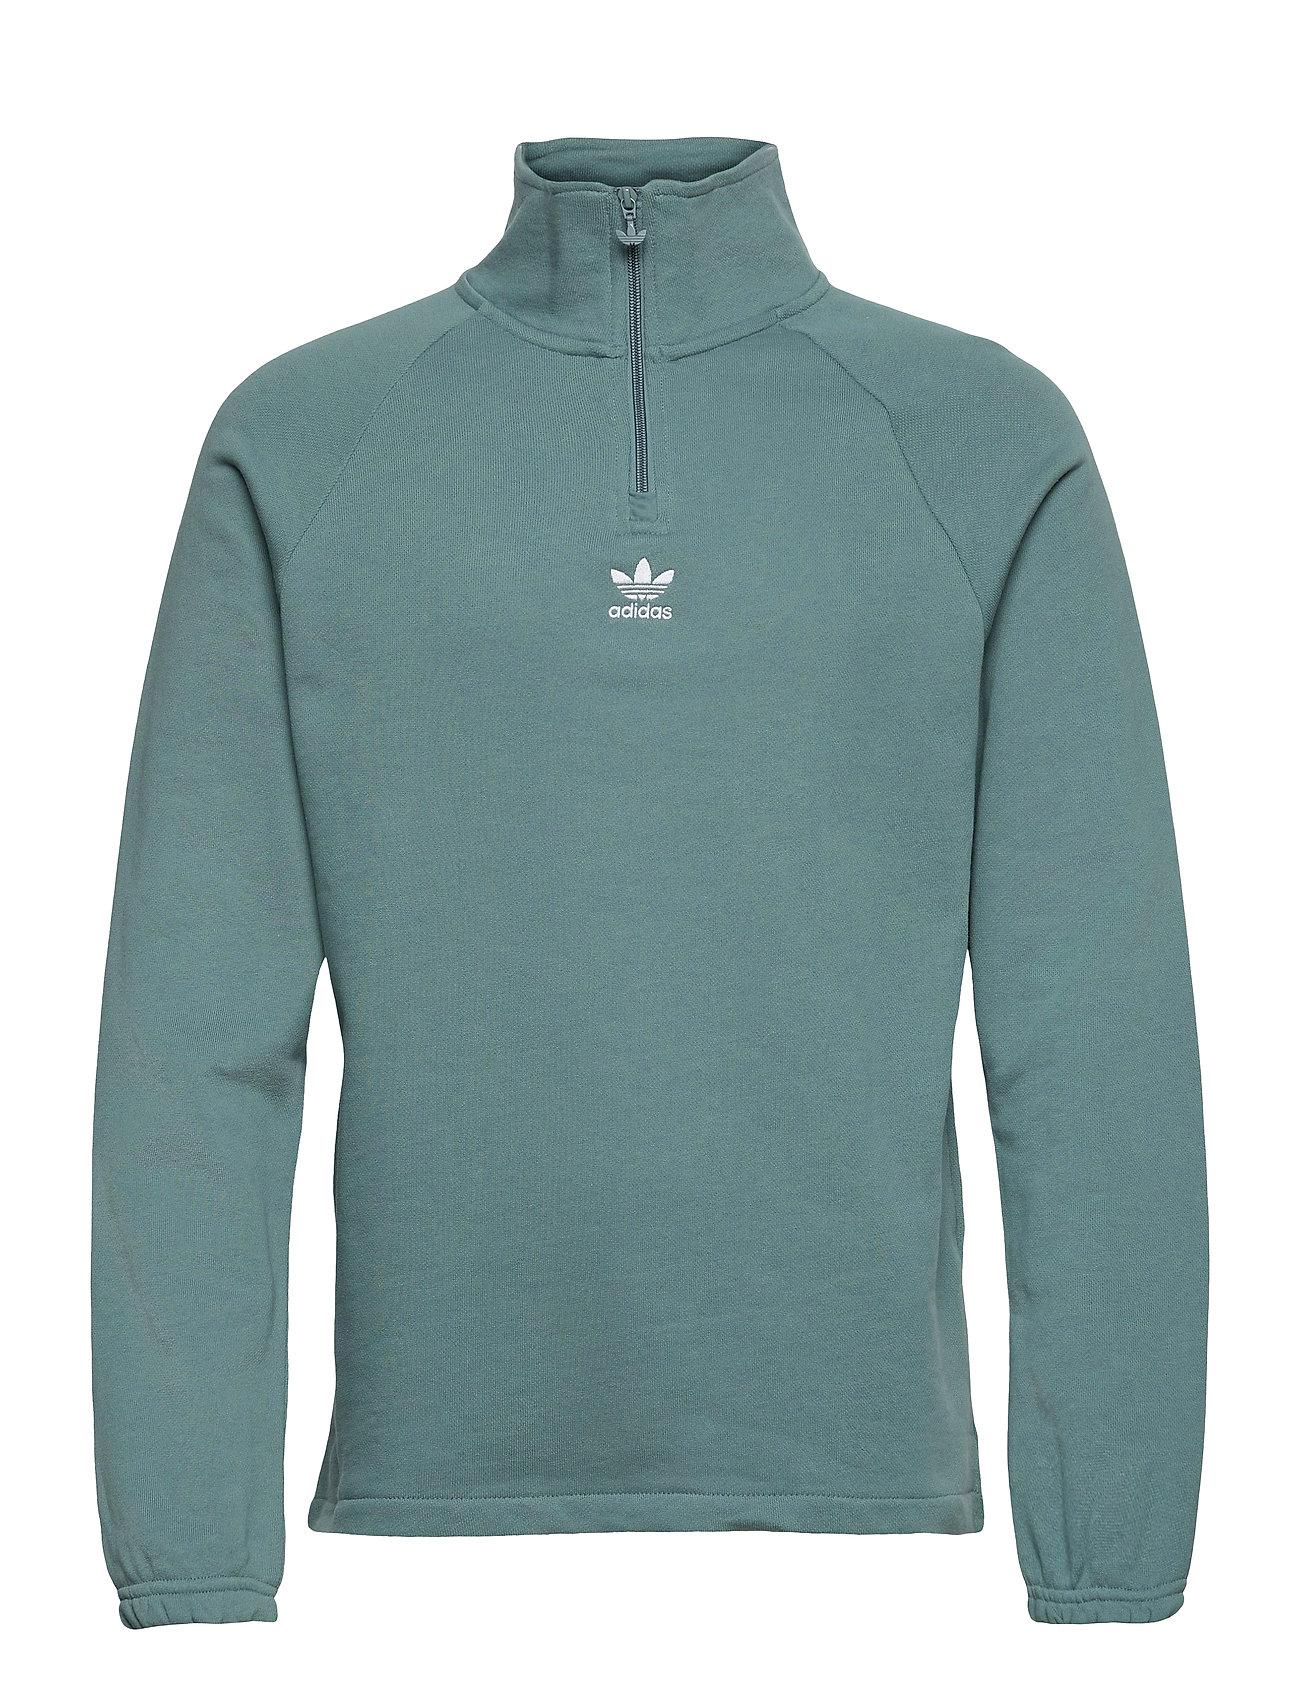 Adicolor Classics Front And Back Trefoil Half-Zip Sweatshirt Sweatshirt Trøje Grøn Adidas Originals